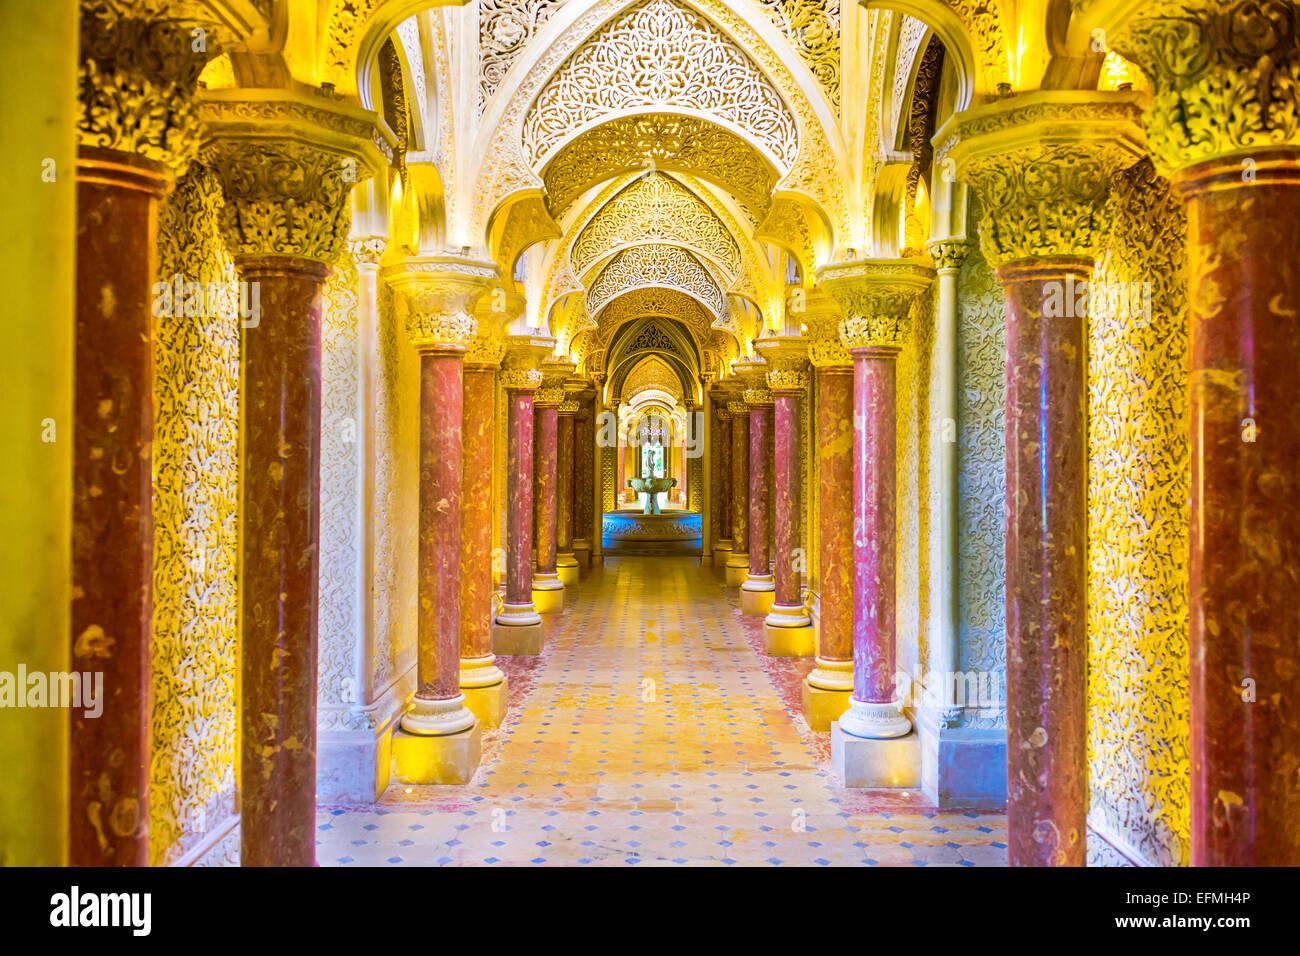 El Palacio de Monserrate en Sintra, Portugal. Imagen De Stock